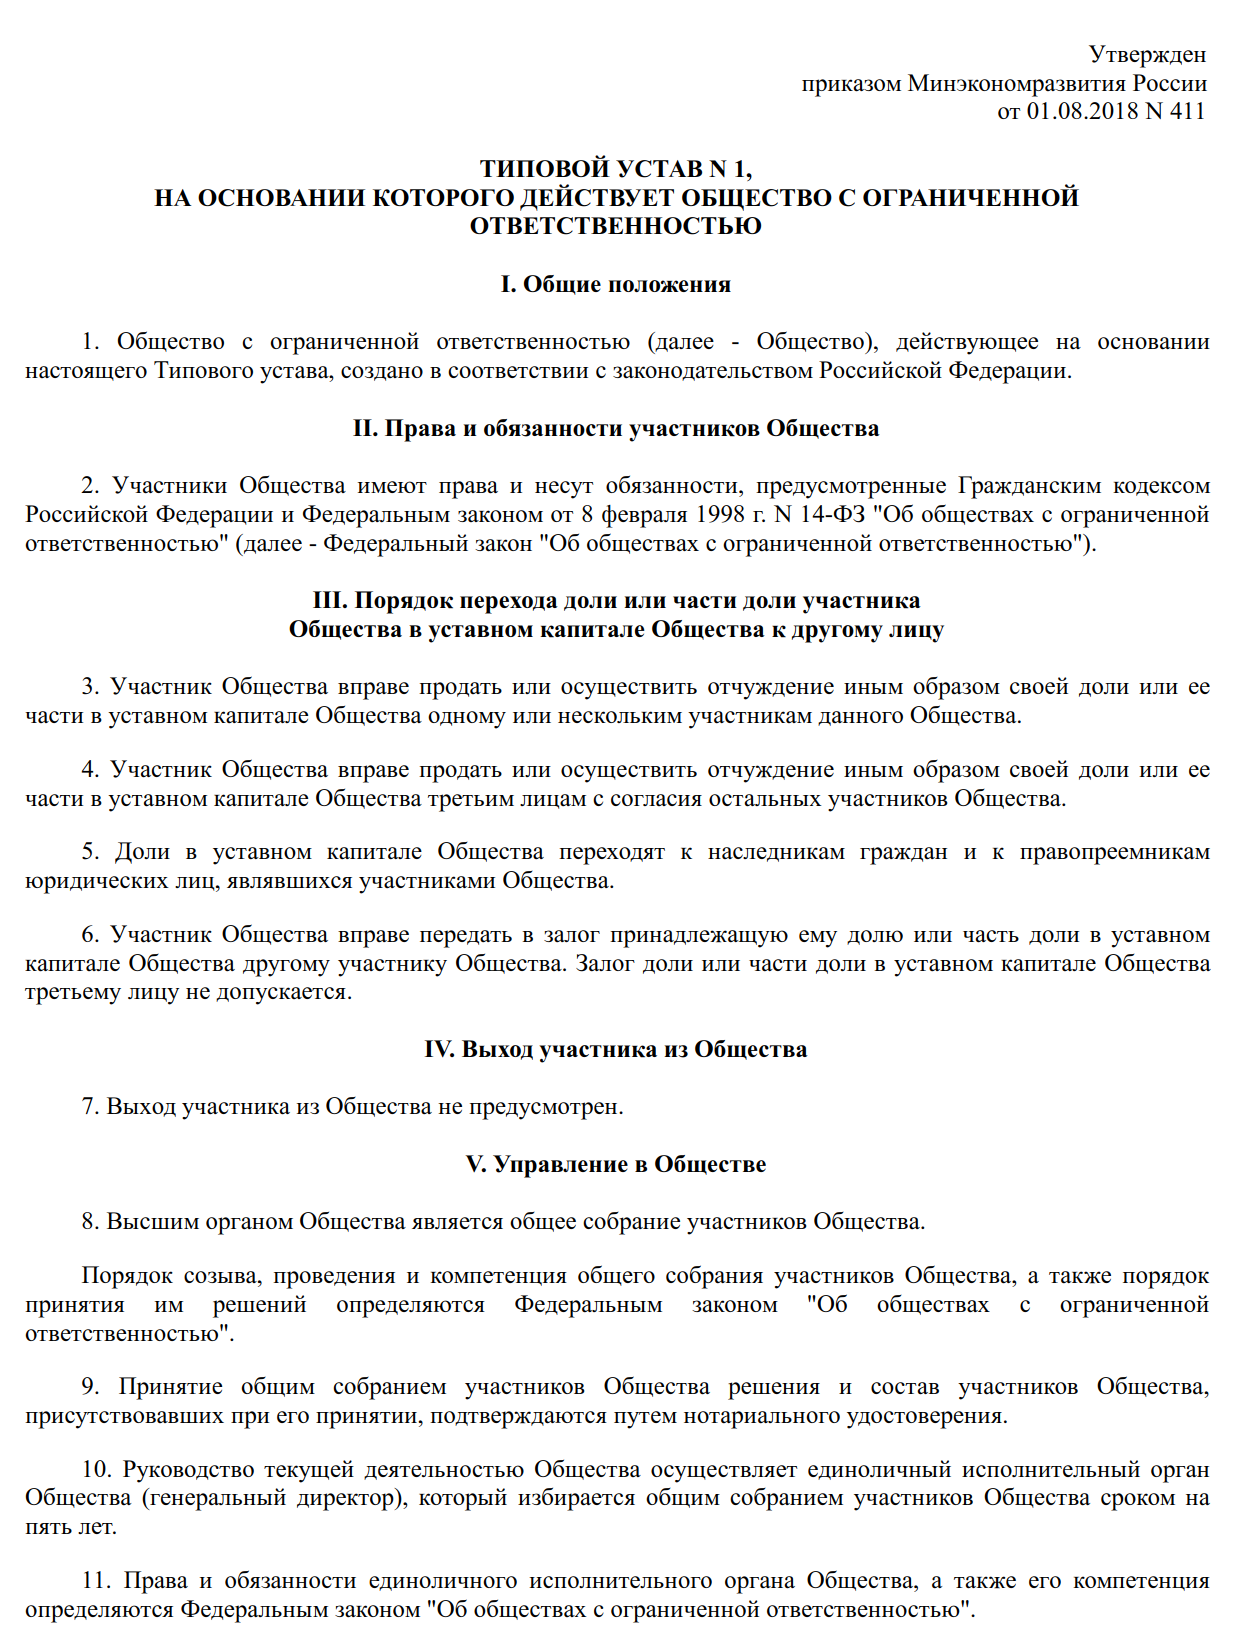 Перечень документов на регистрацию ооо 2019 регистрация фсс после регистрации ооо